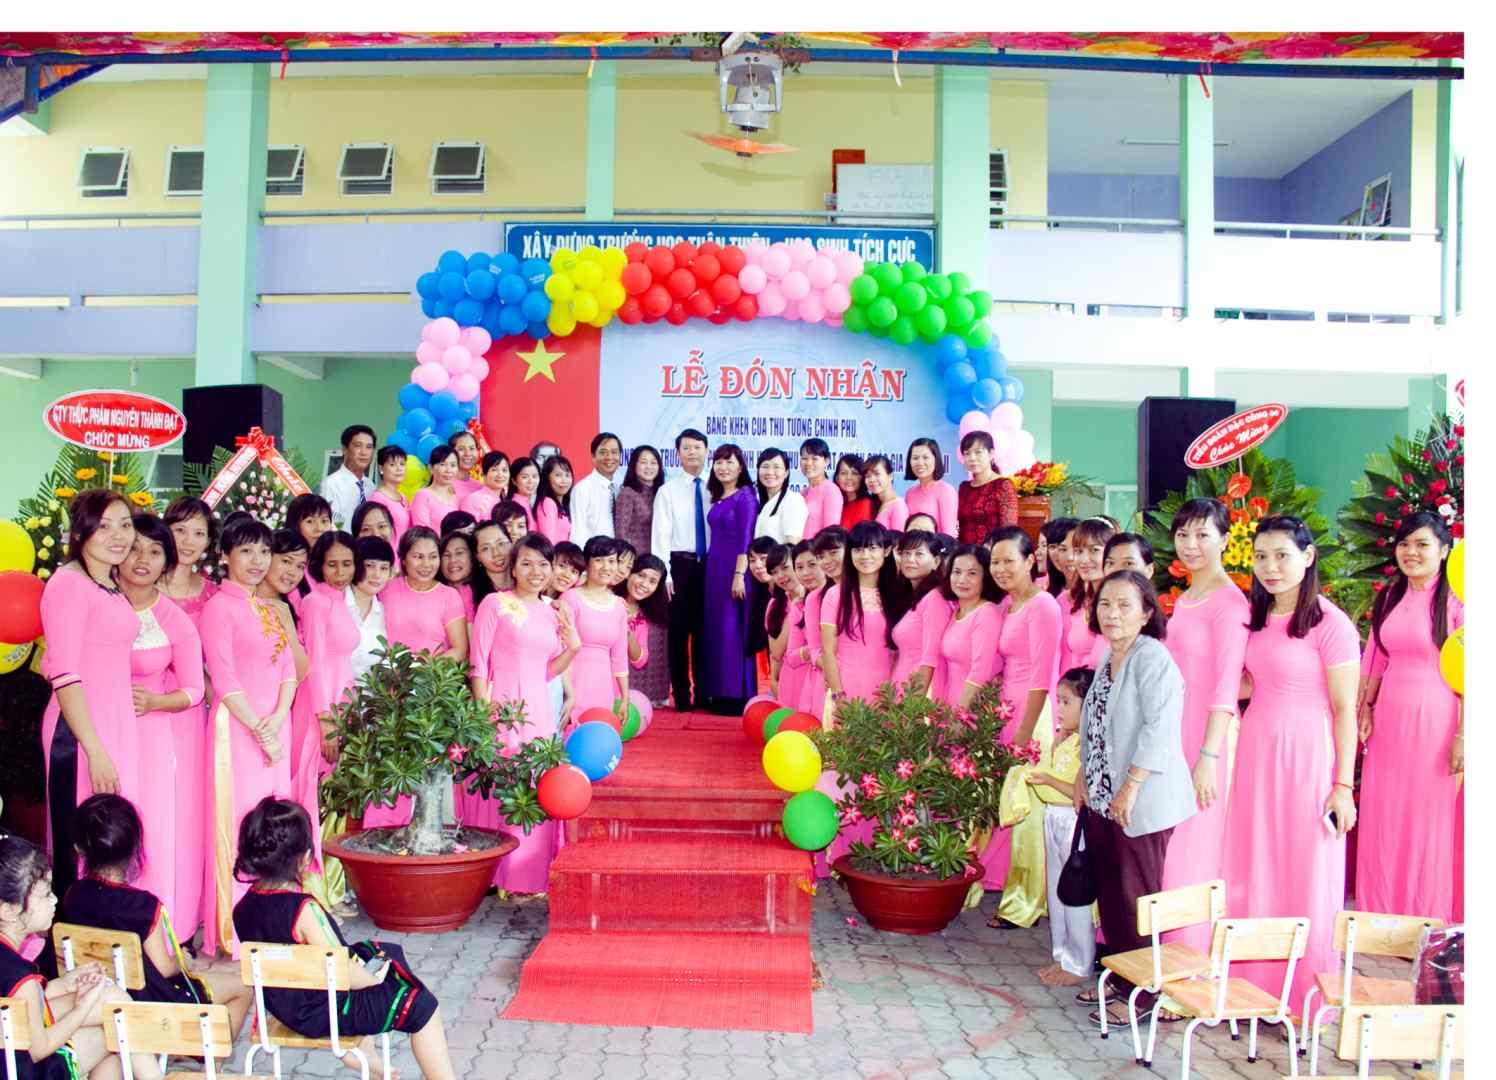 hình 9- Trường MN Phước Vĩnh được công nhận mức độ 2 năm 2016